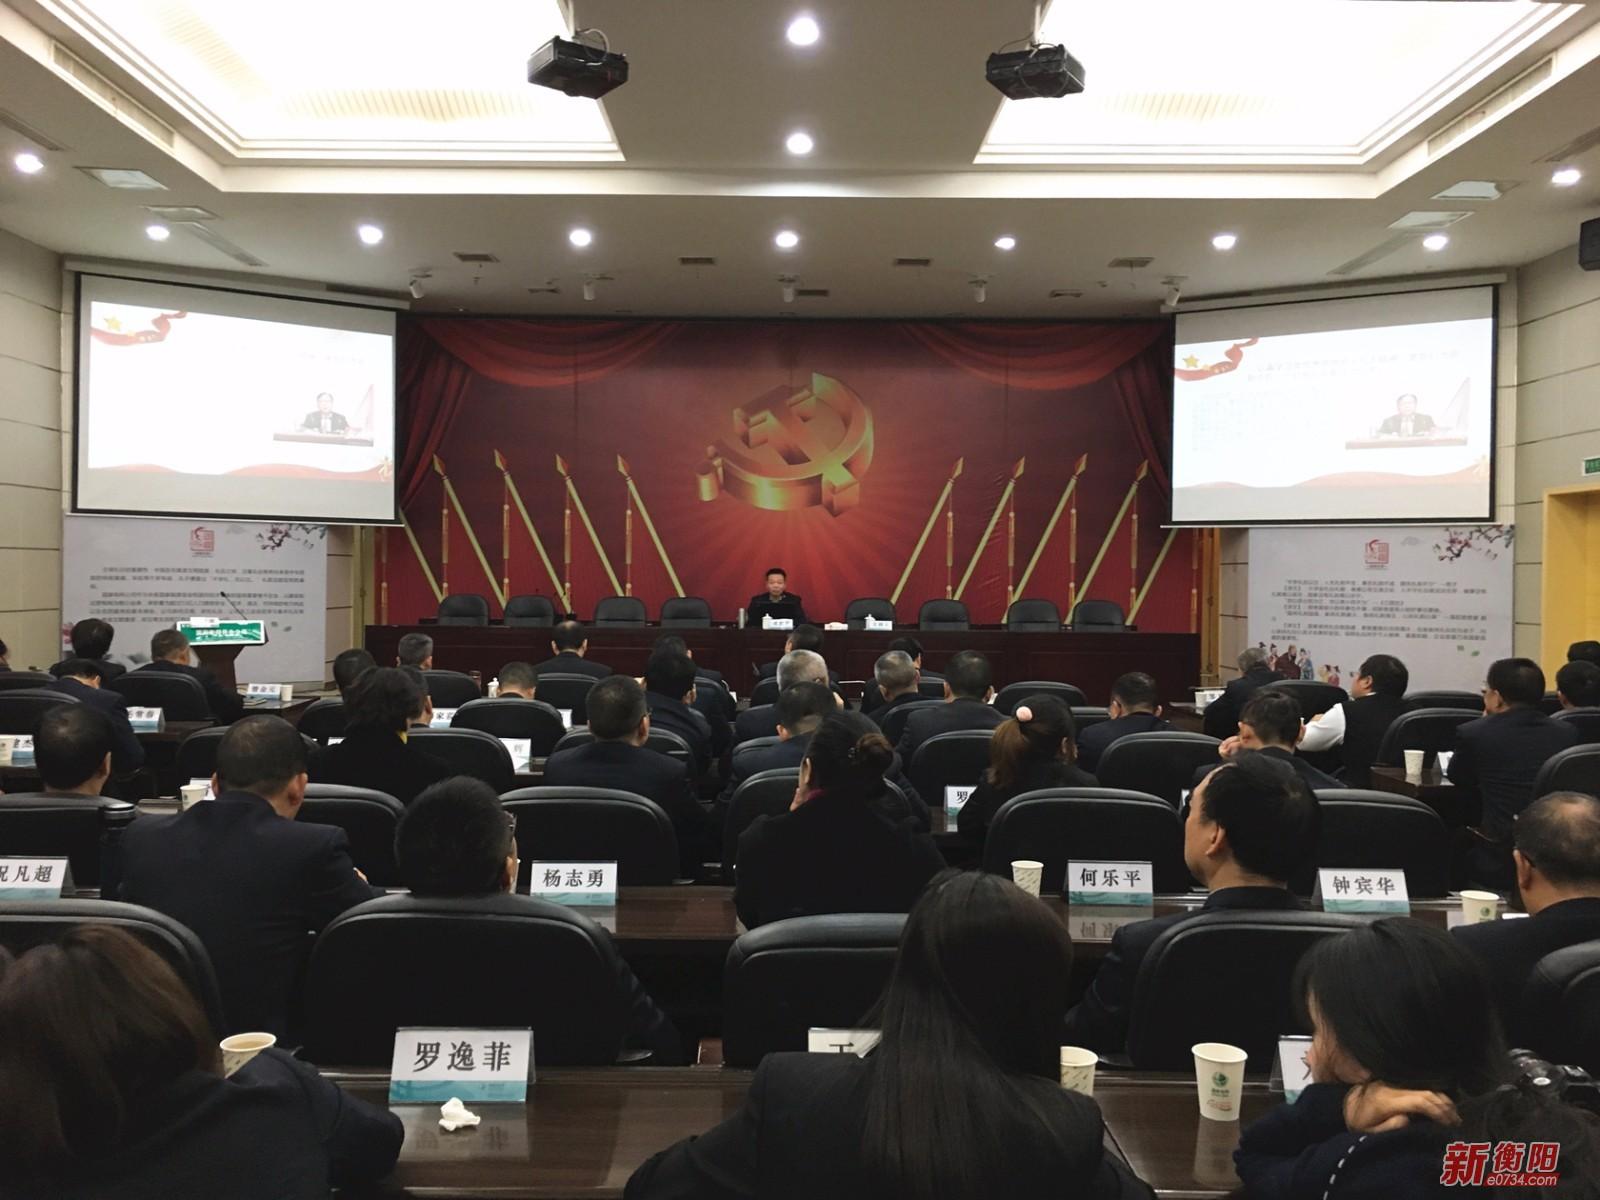 宣讲十九大:市委讲师团走进国网衡阳供电公司